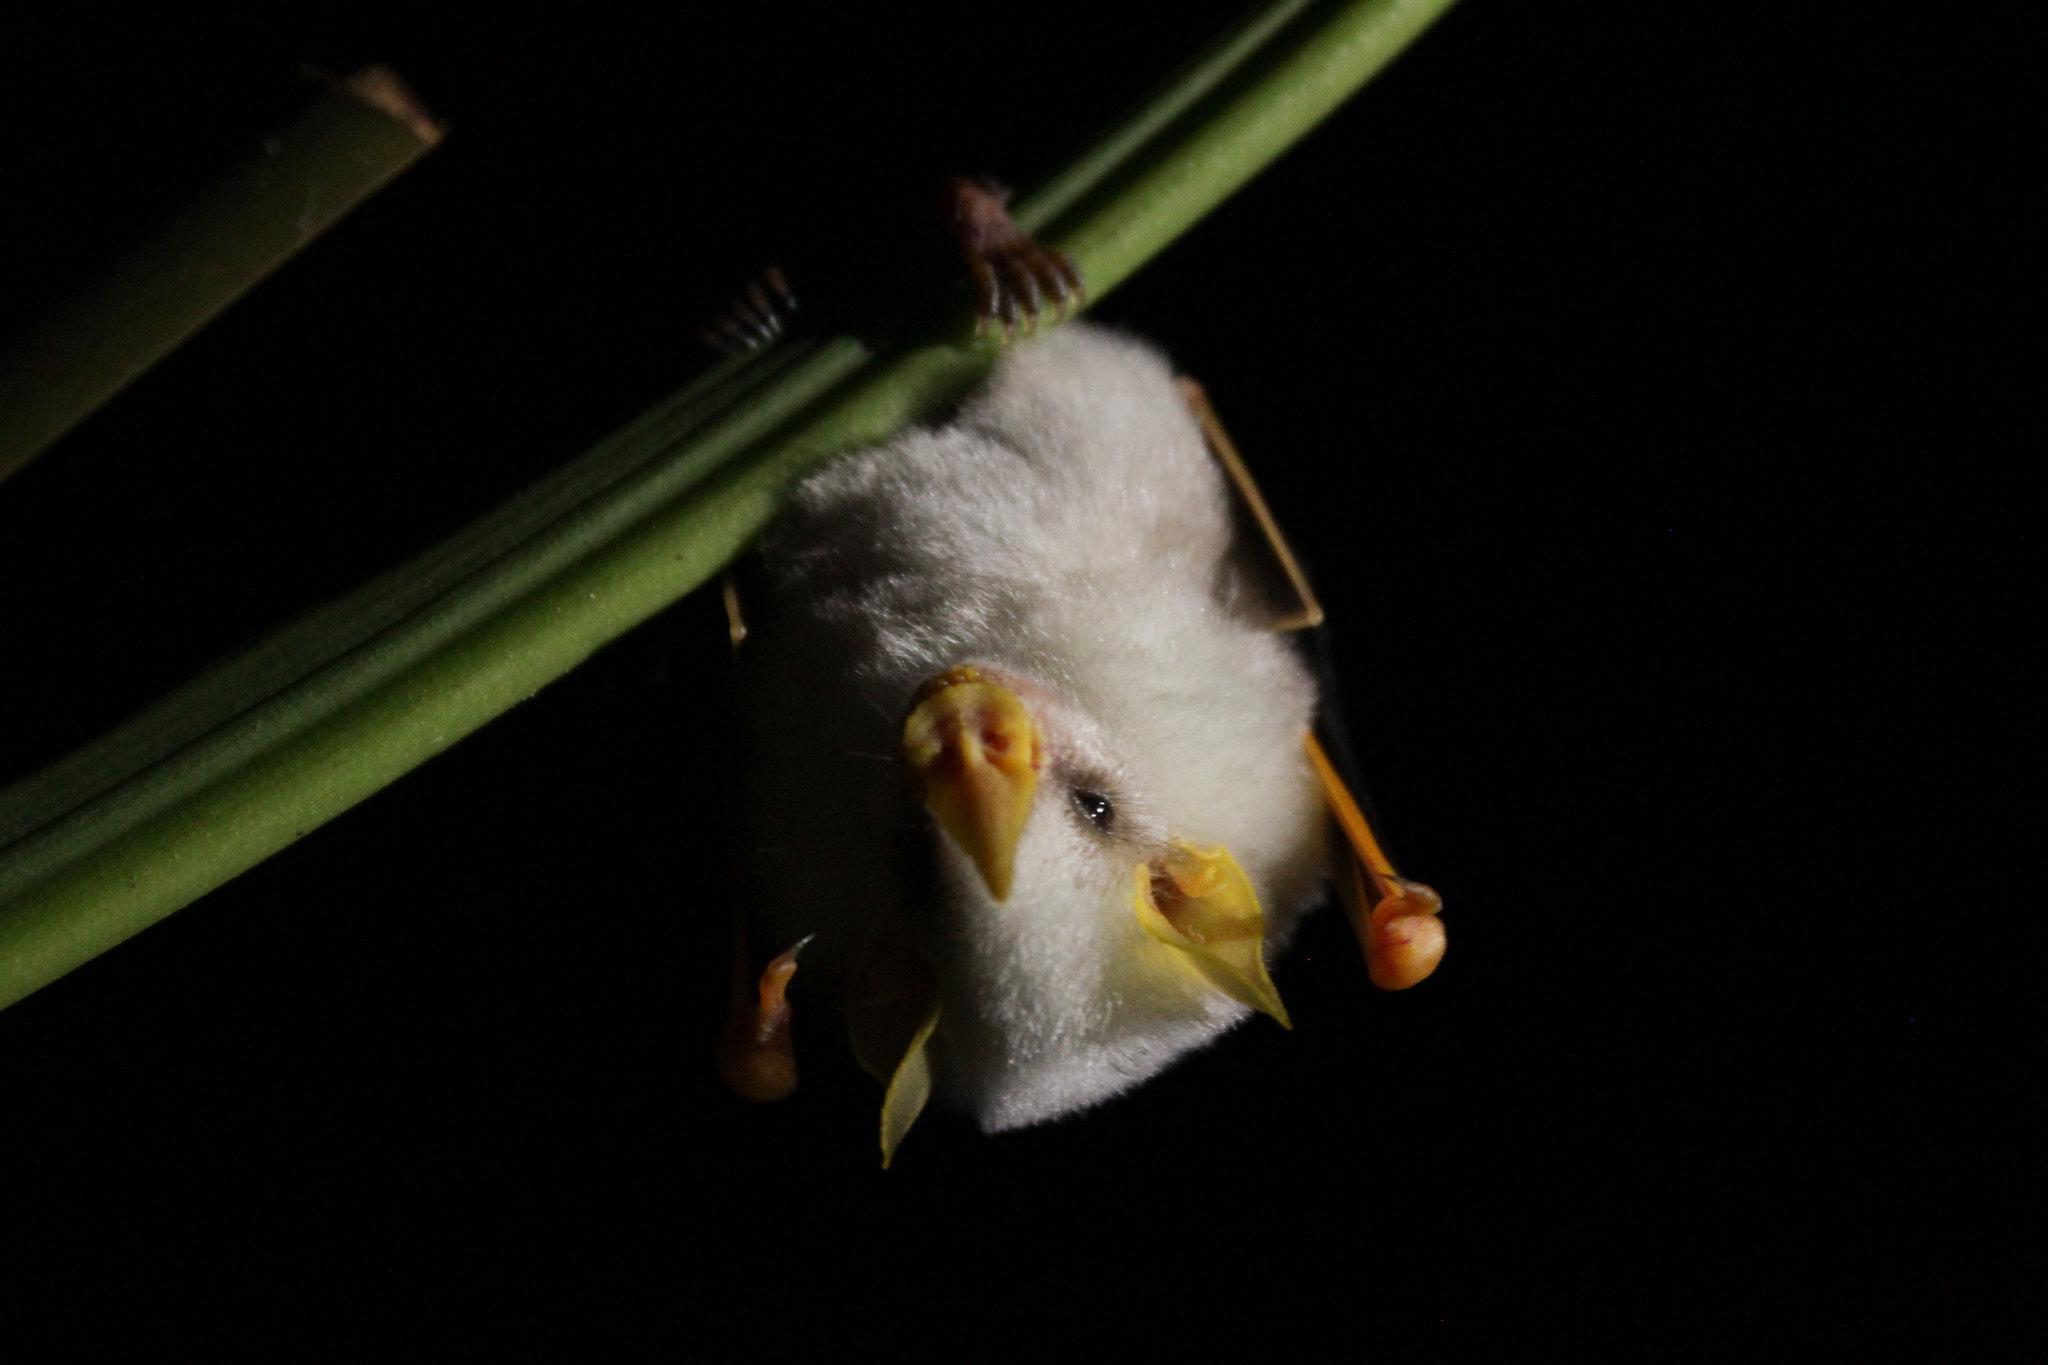 pipistrello bianco dell'honduras appeso a una foglia